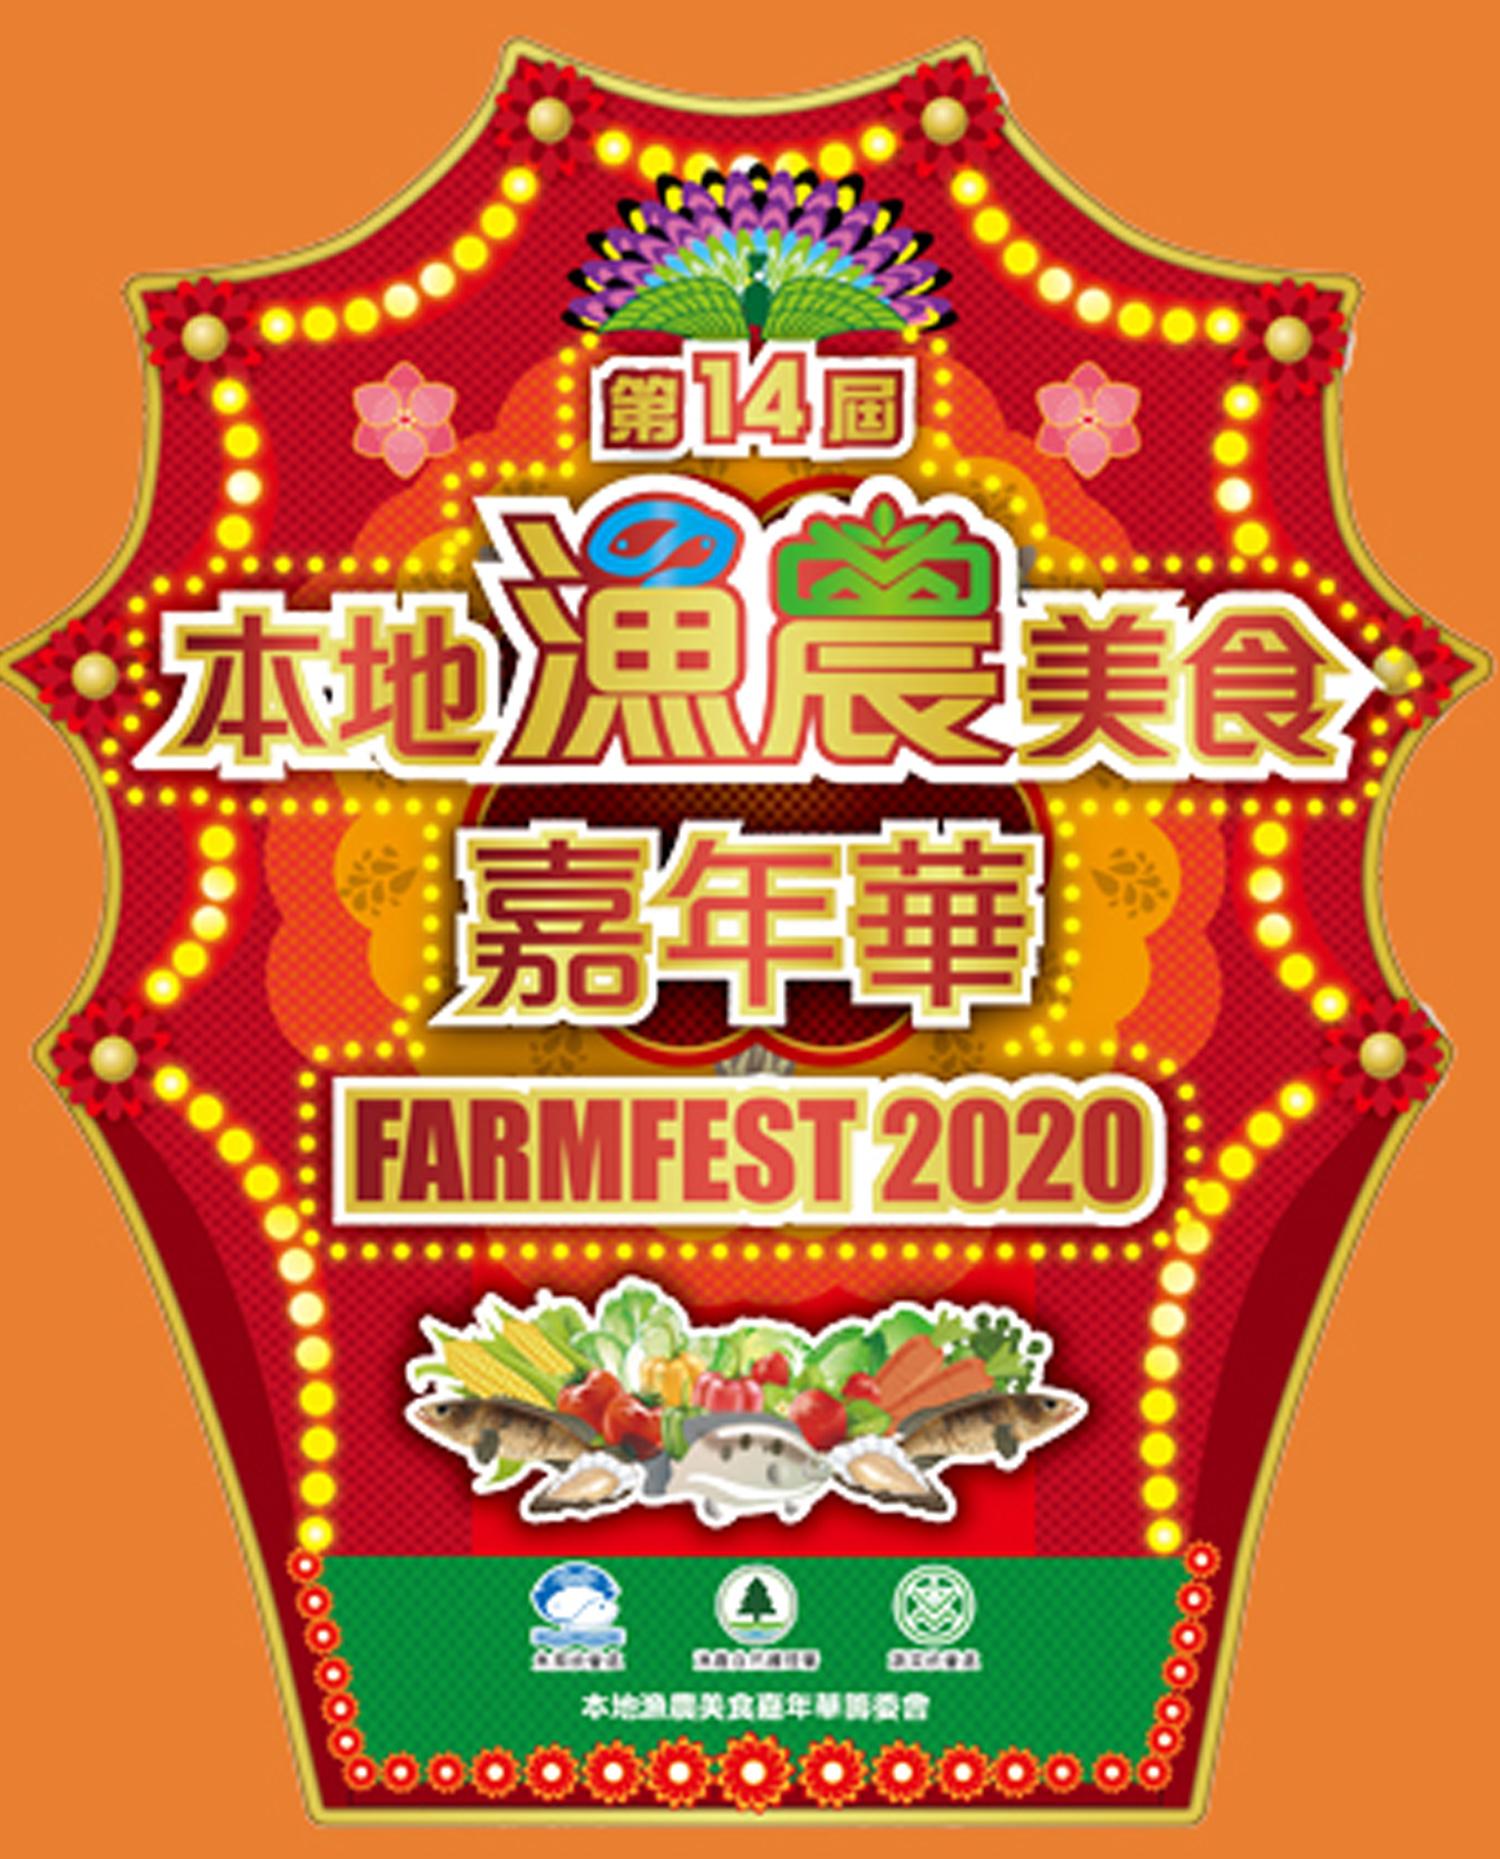 Hong Kong Farmfest 2020